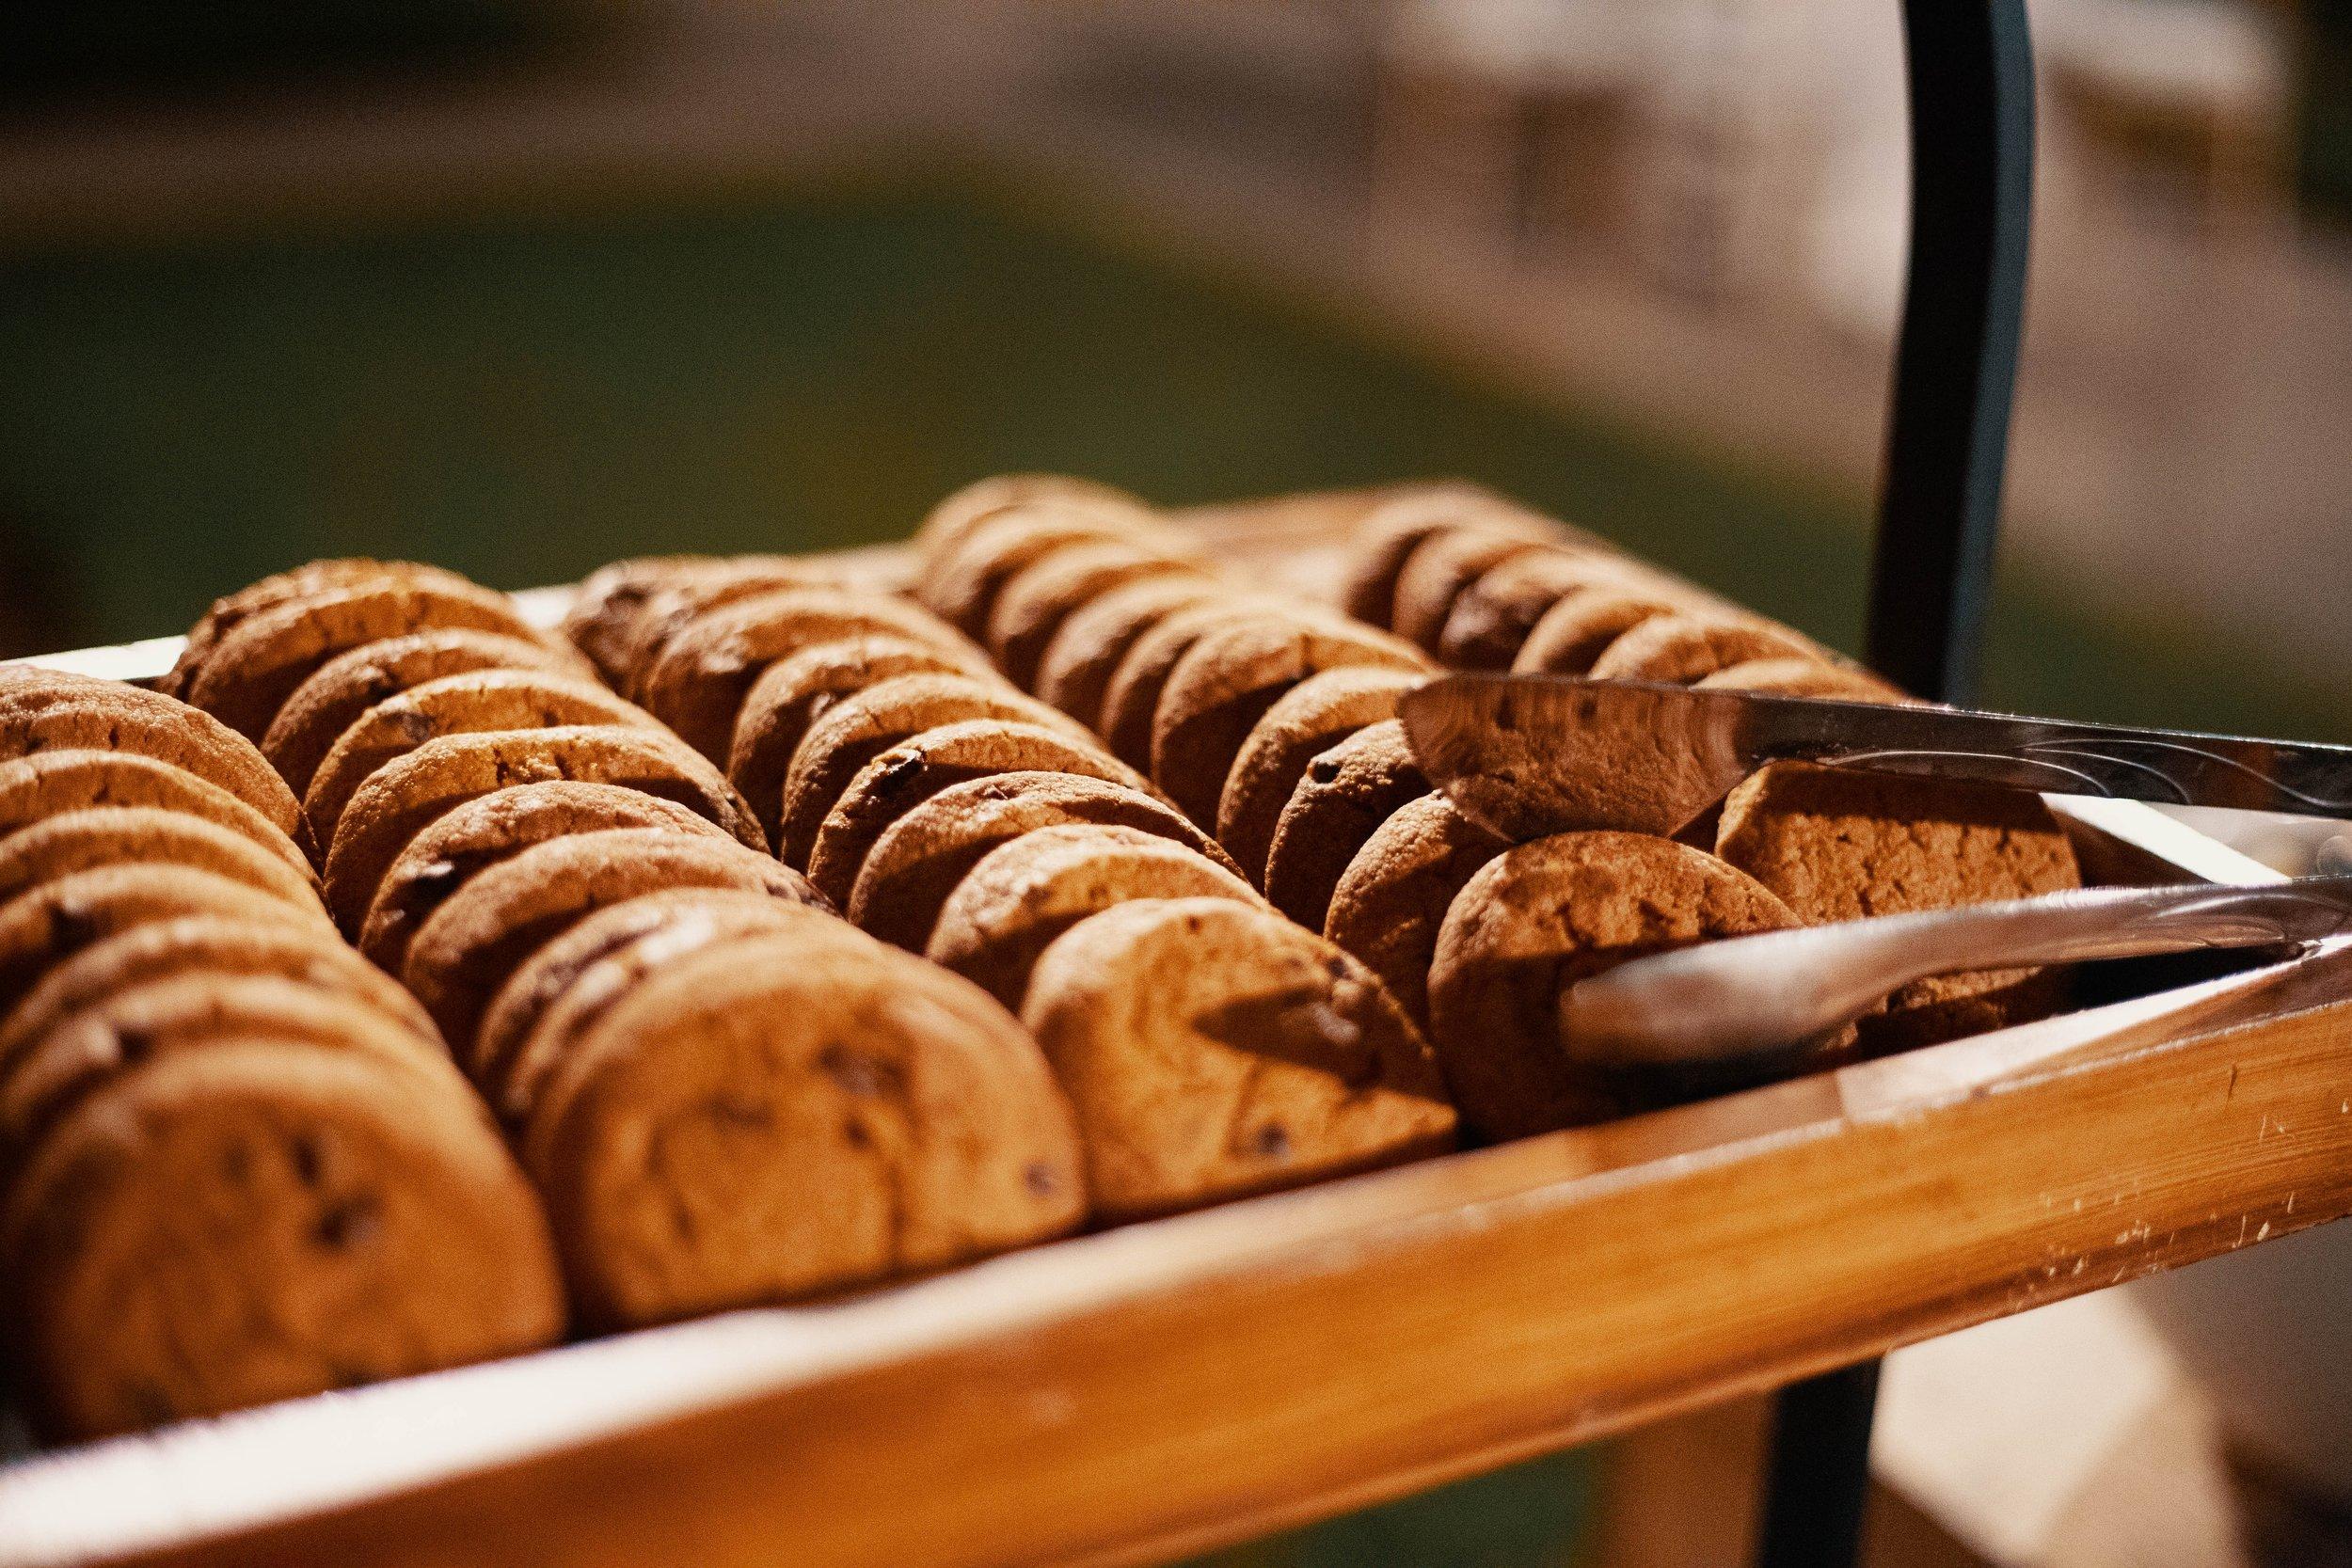 bakery-baking-bread-1546890.jpg